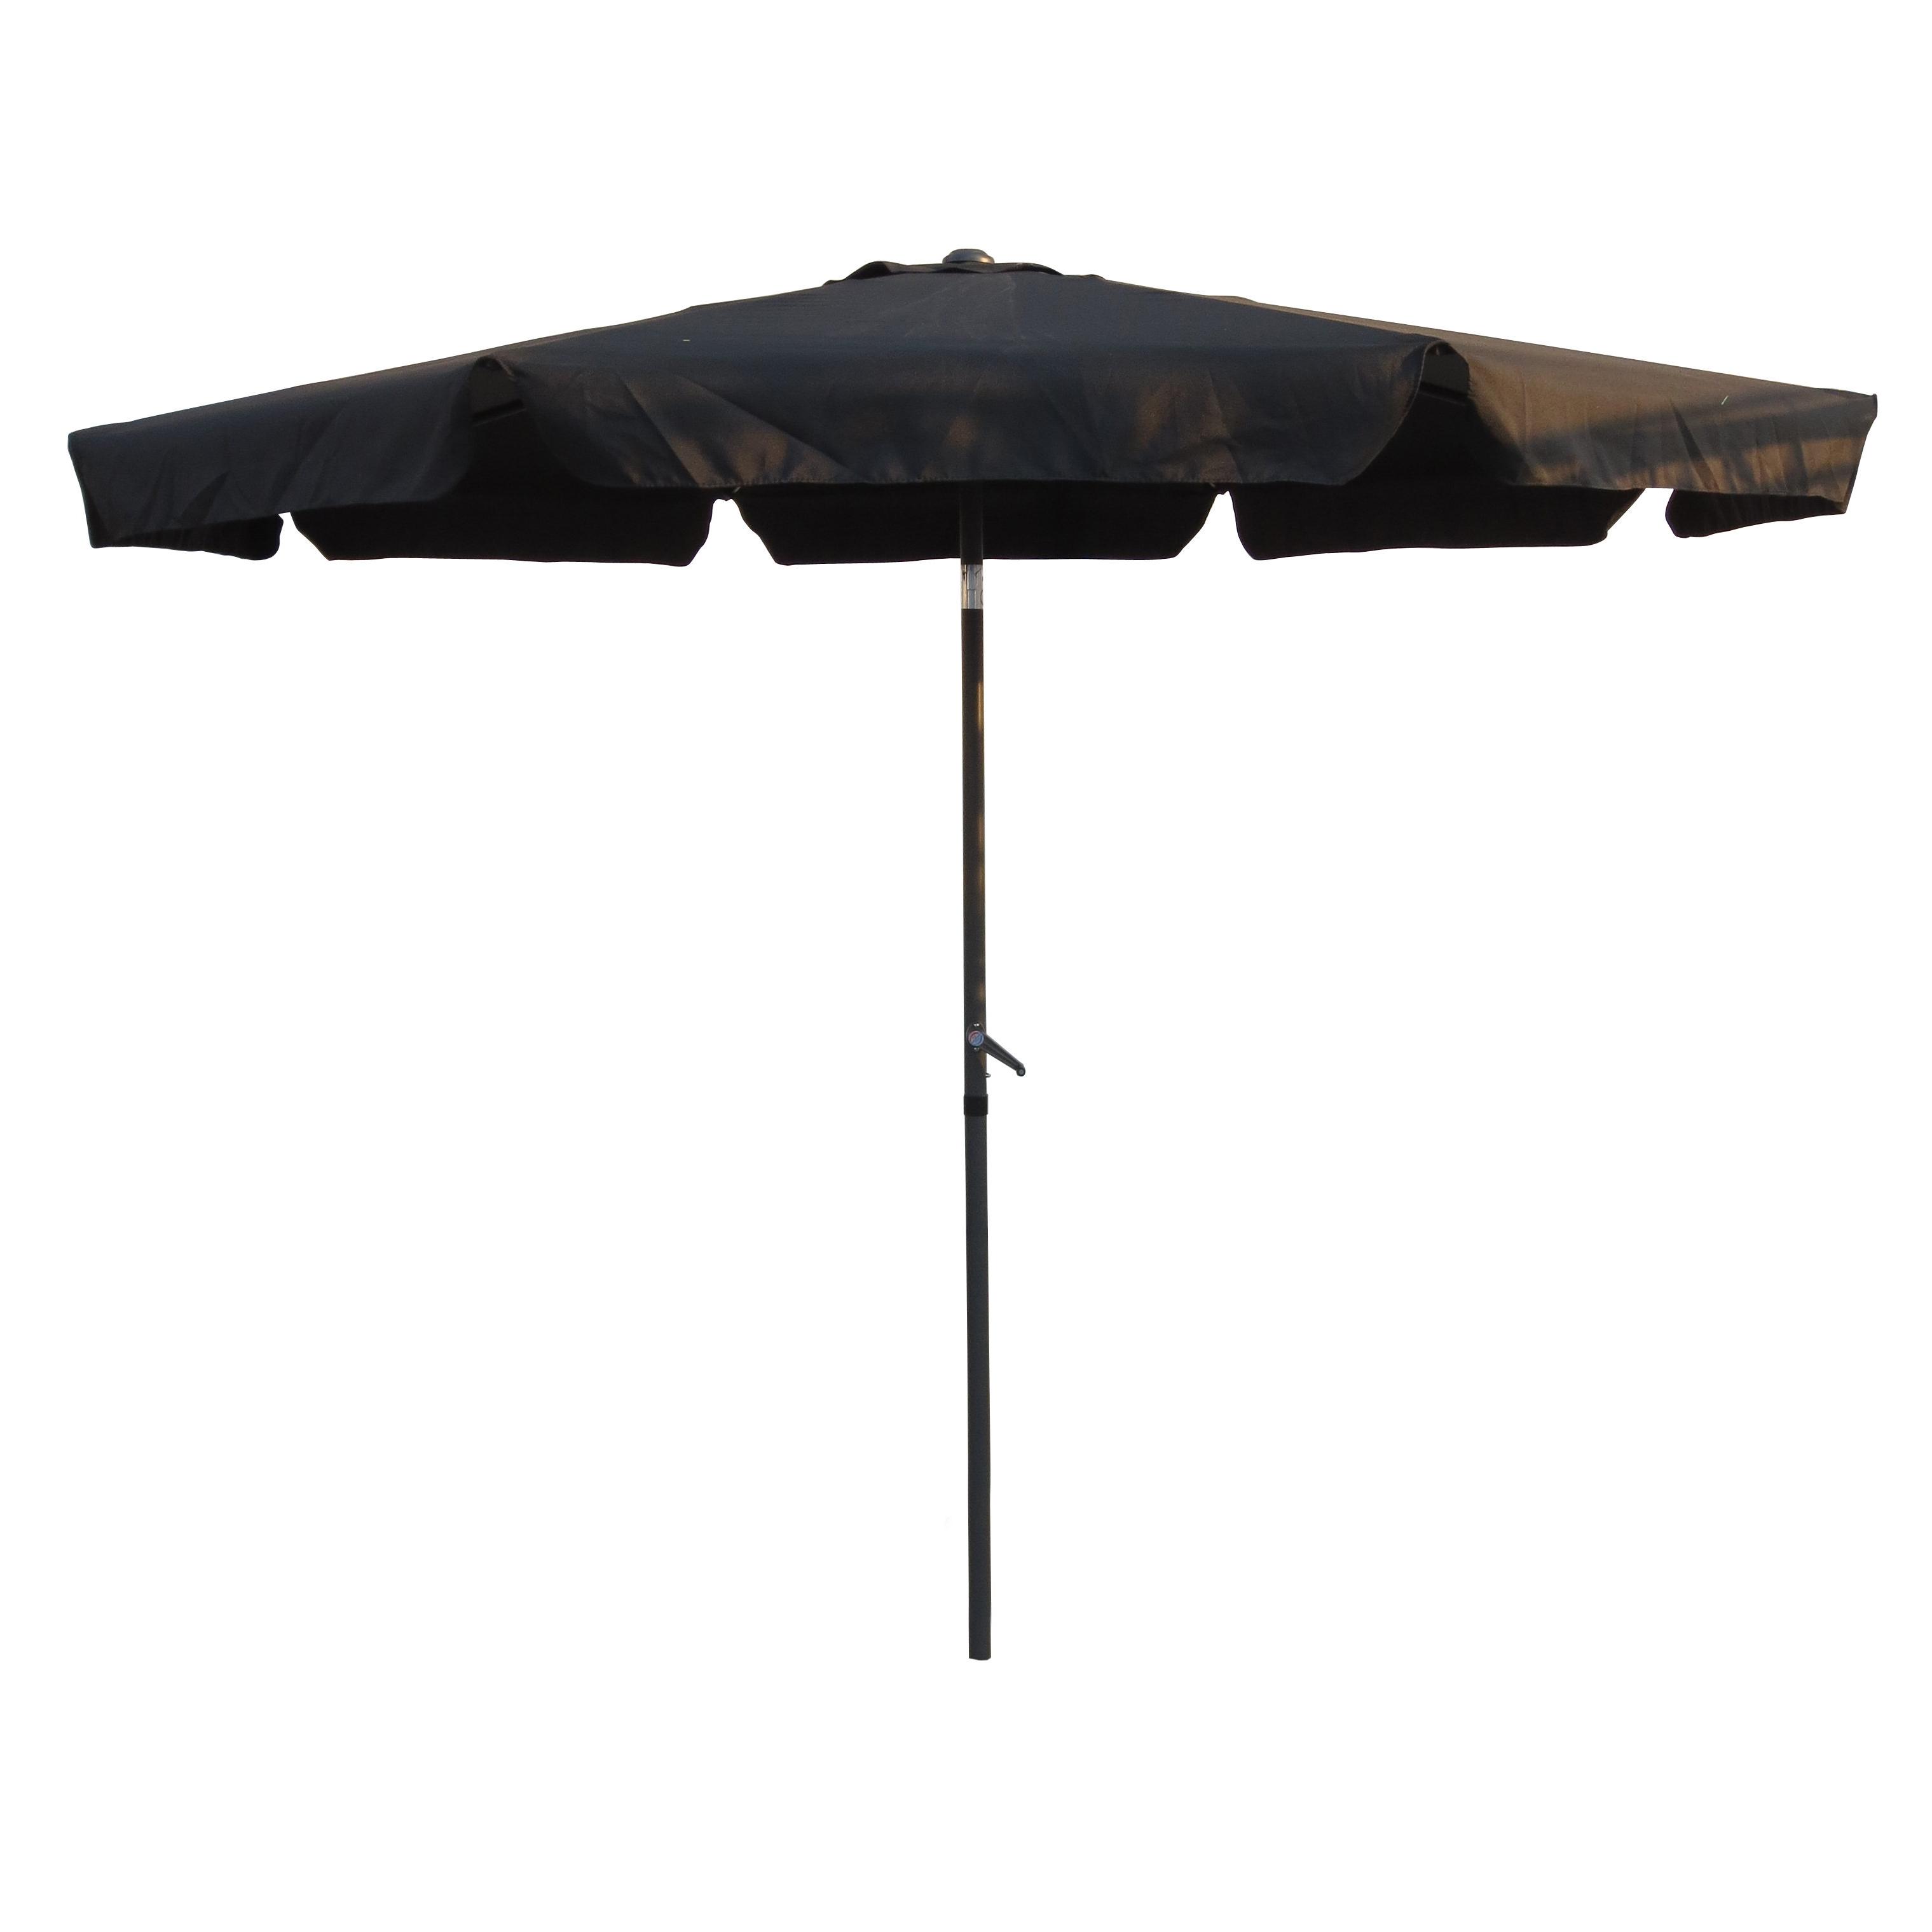 Fashionable Devansh Drape Umbrellas Inside Wrought Studio Devansh 10' Drape Umbrella (View 9 of 20)